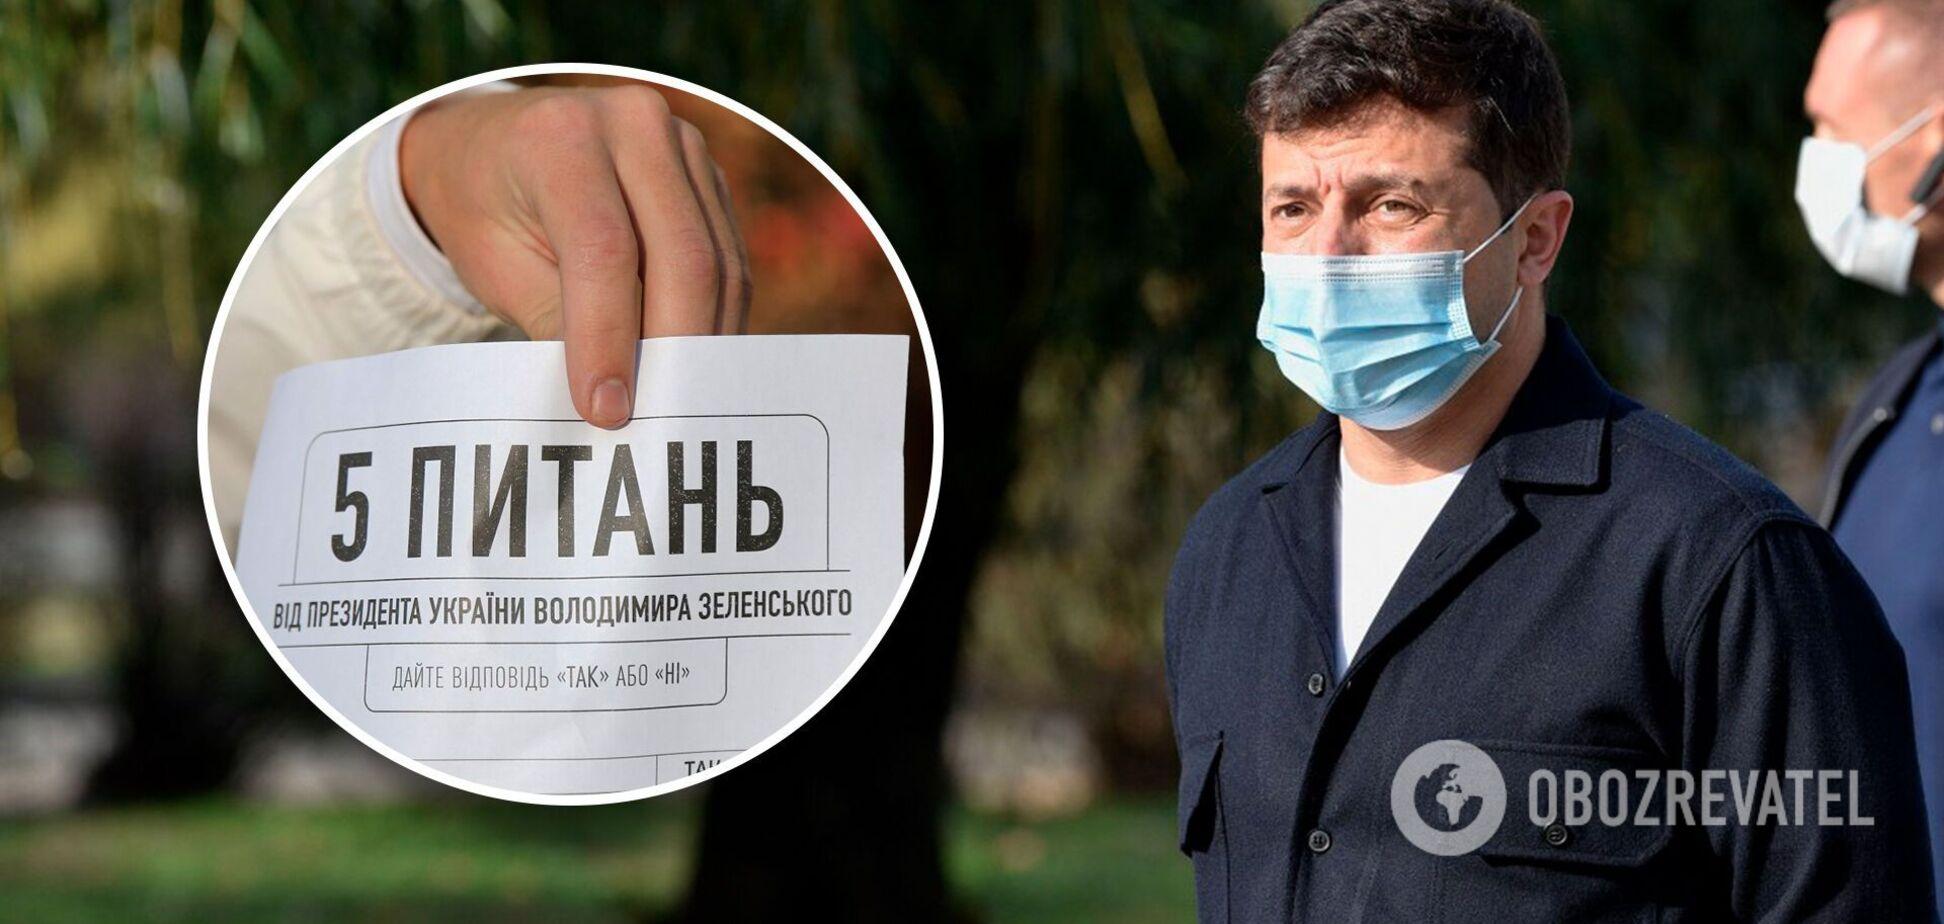 Опрос от Зеленского начался волной нарушений: украинцы рассказали о главных проблемах